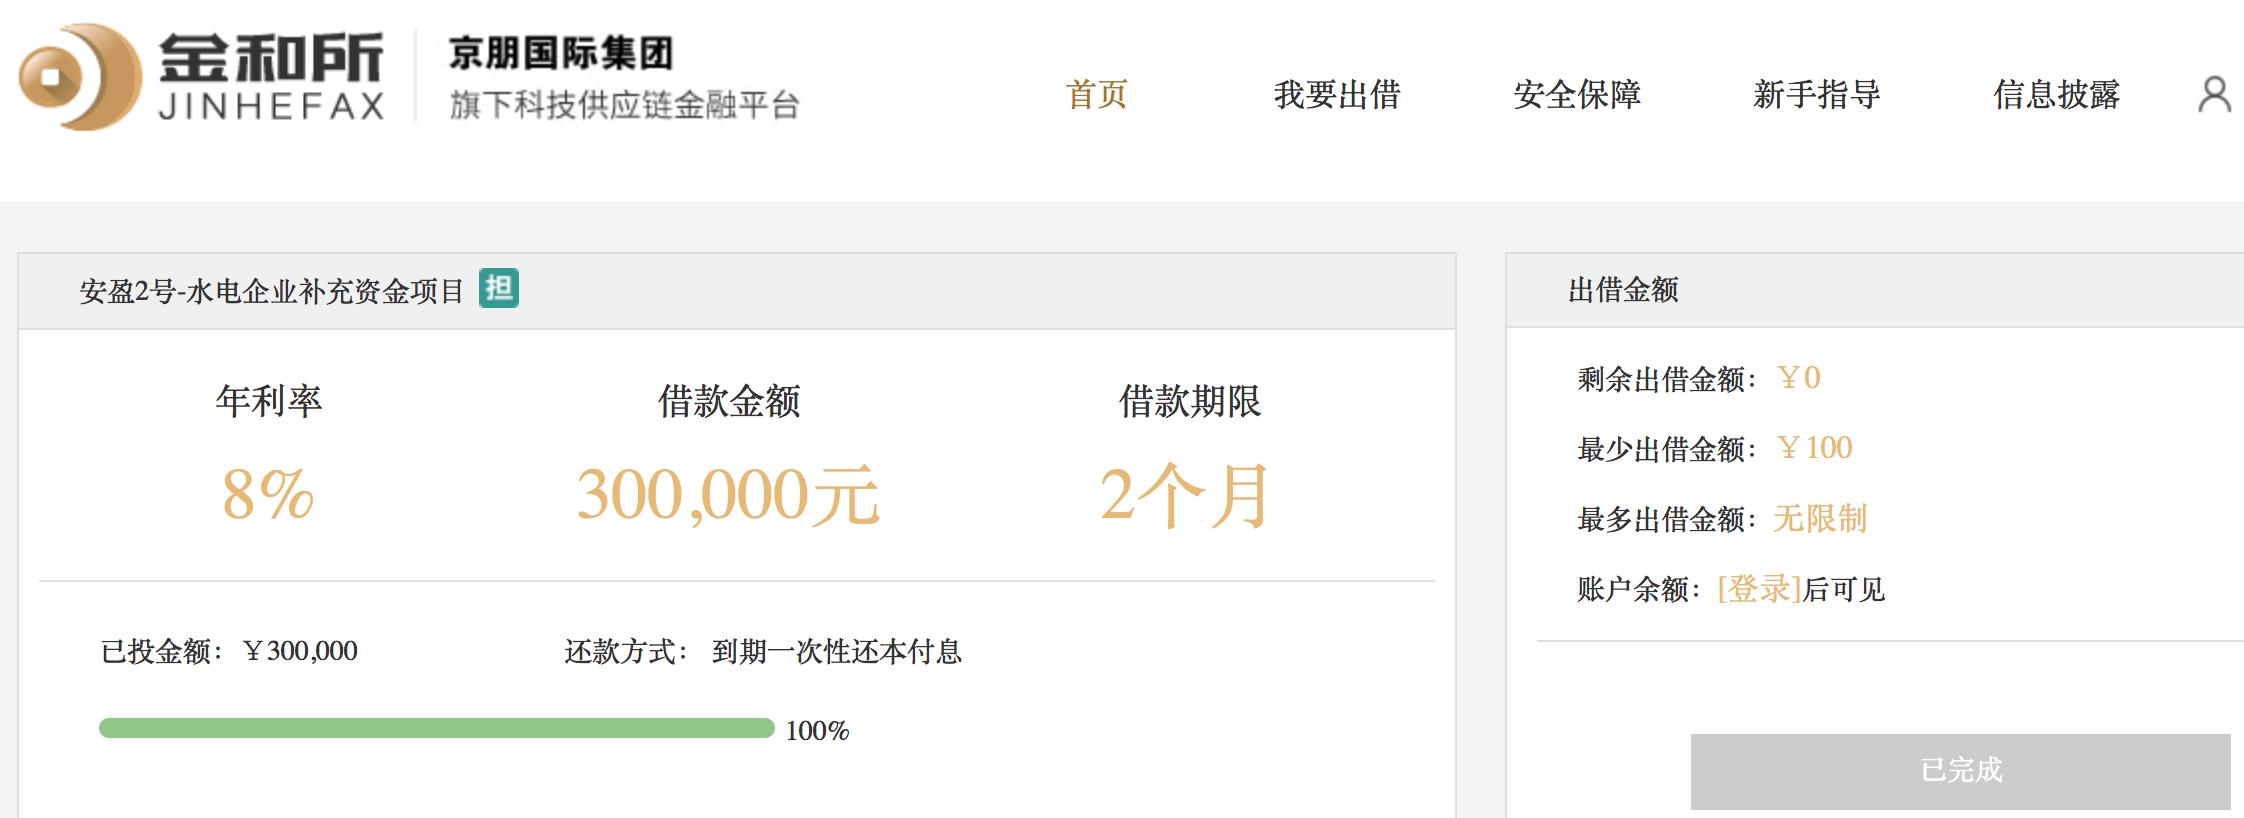 京朋集团两P2P暴雷后,世纪星源关联企业接盘?1